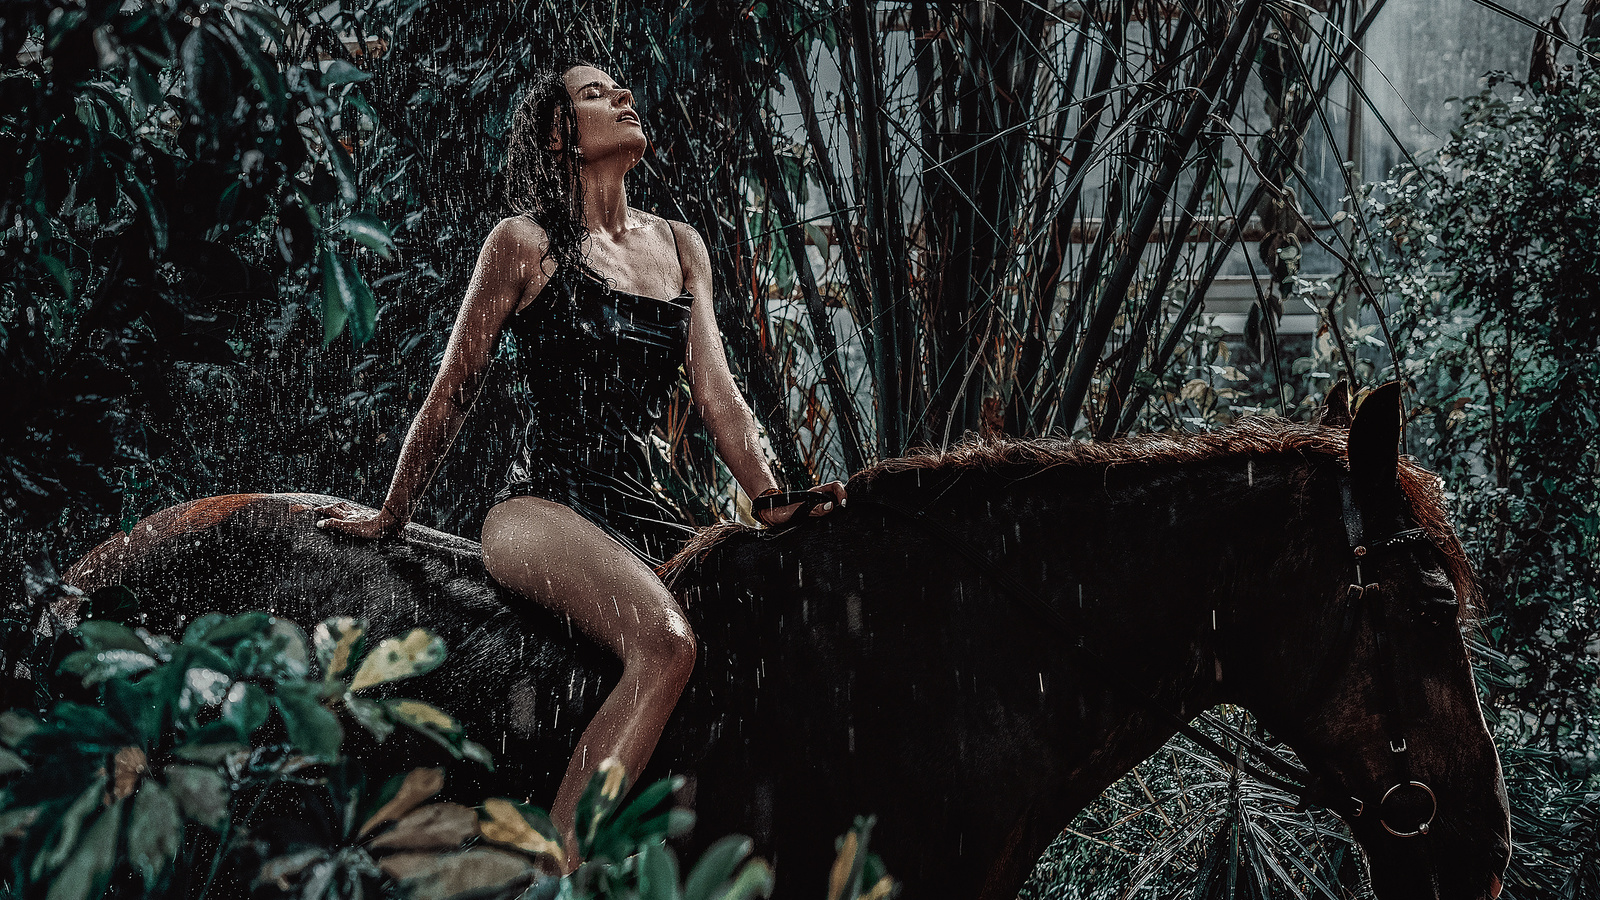 листья, вода, девушка, поза, животное, конь, мокрая, платье, верхом